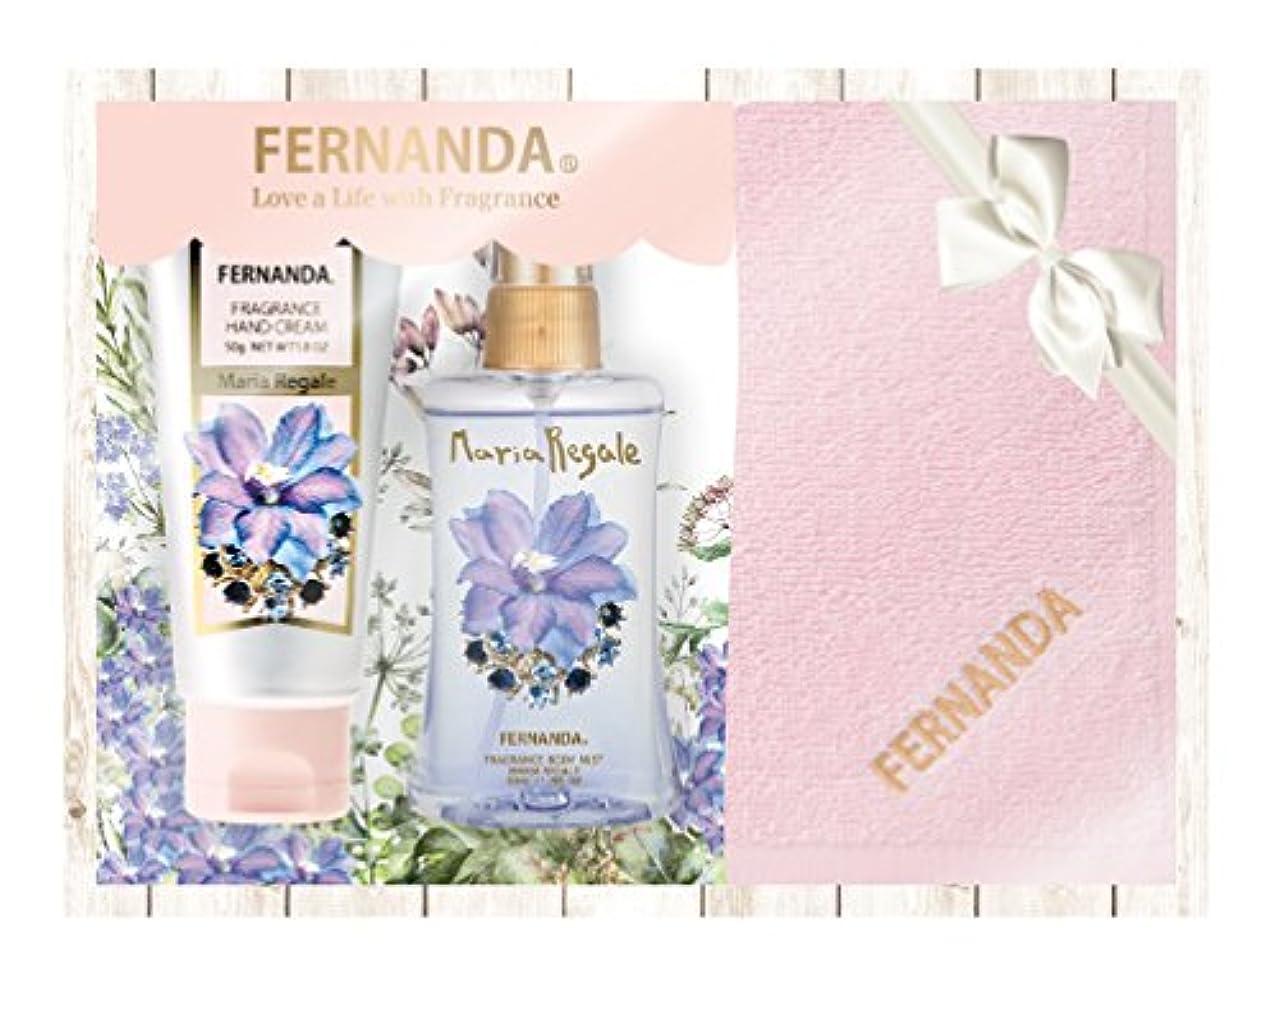 切り離すドキュメンタリースライムFERNANDA(フェルナンダ)Mini Mist & Hand Cream Special Gift Maria Regale (ミニミスト&ハンドクリームスペシャルギフト マリアリゲル)